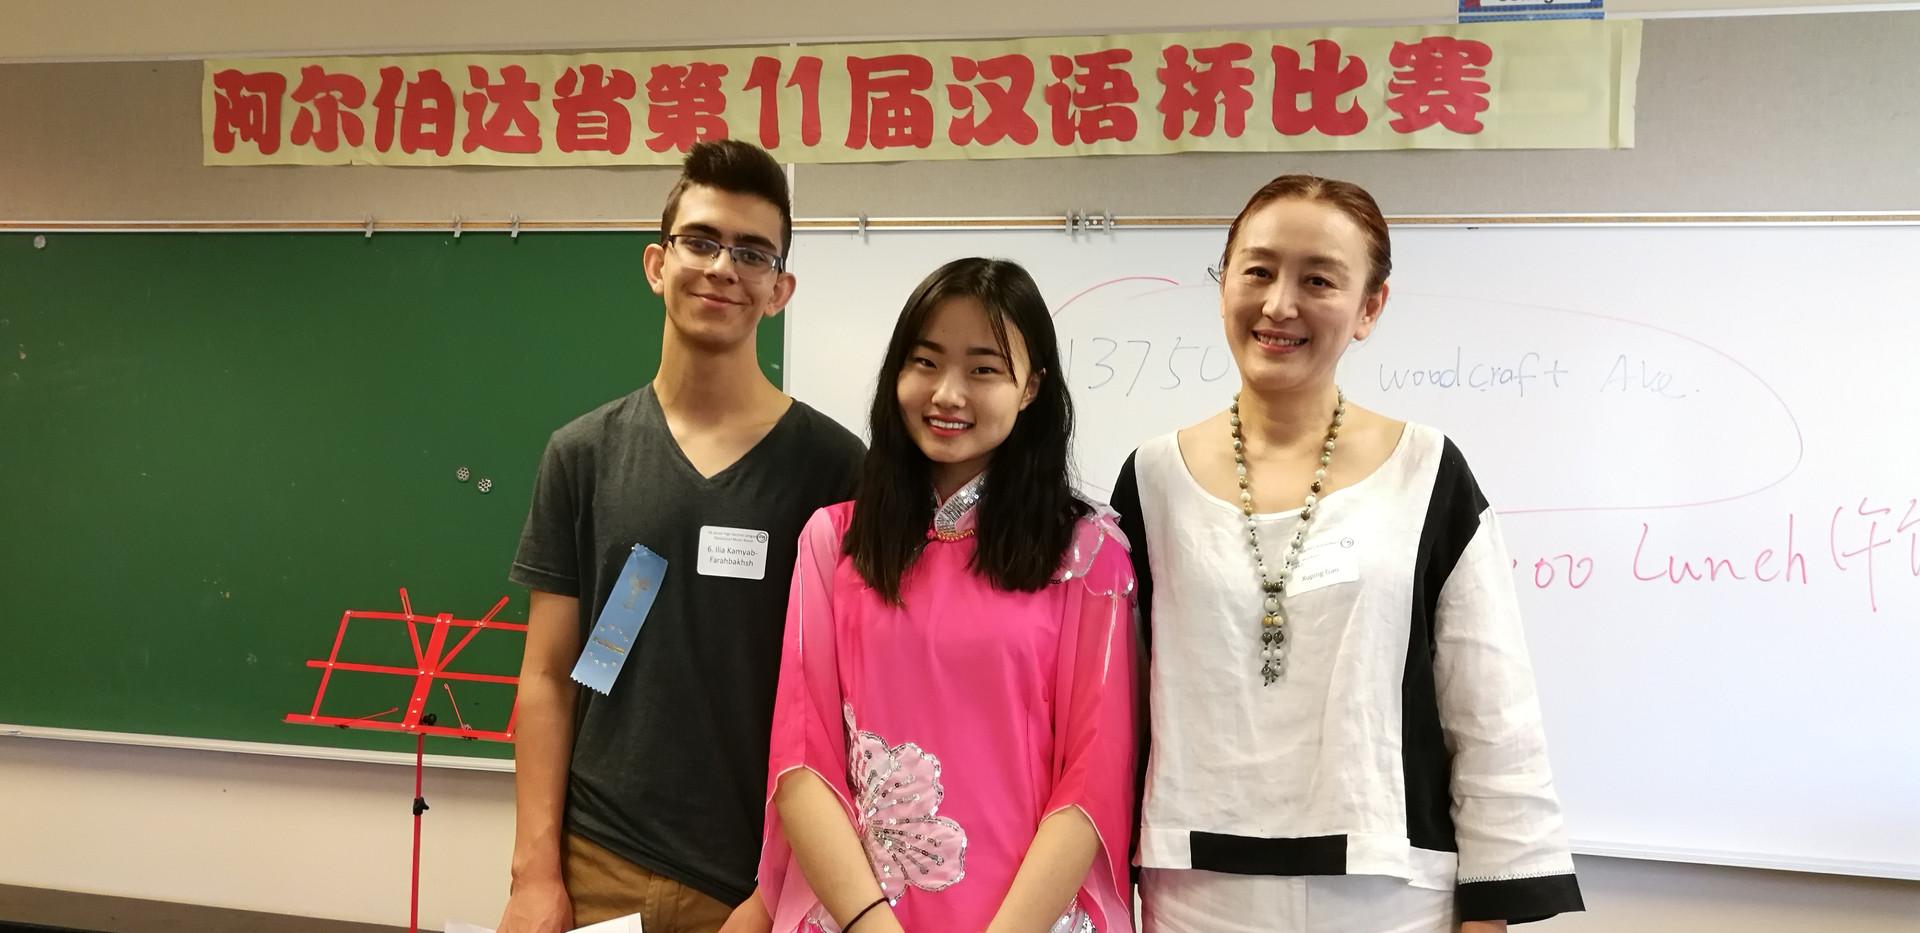 汉语桥比赛获奖者.jpg